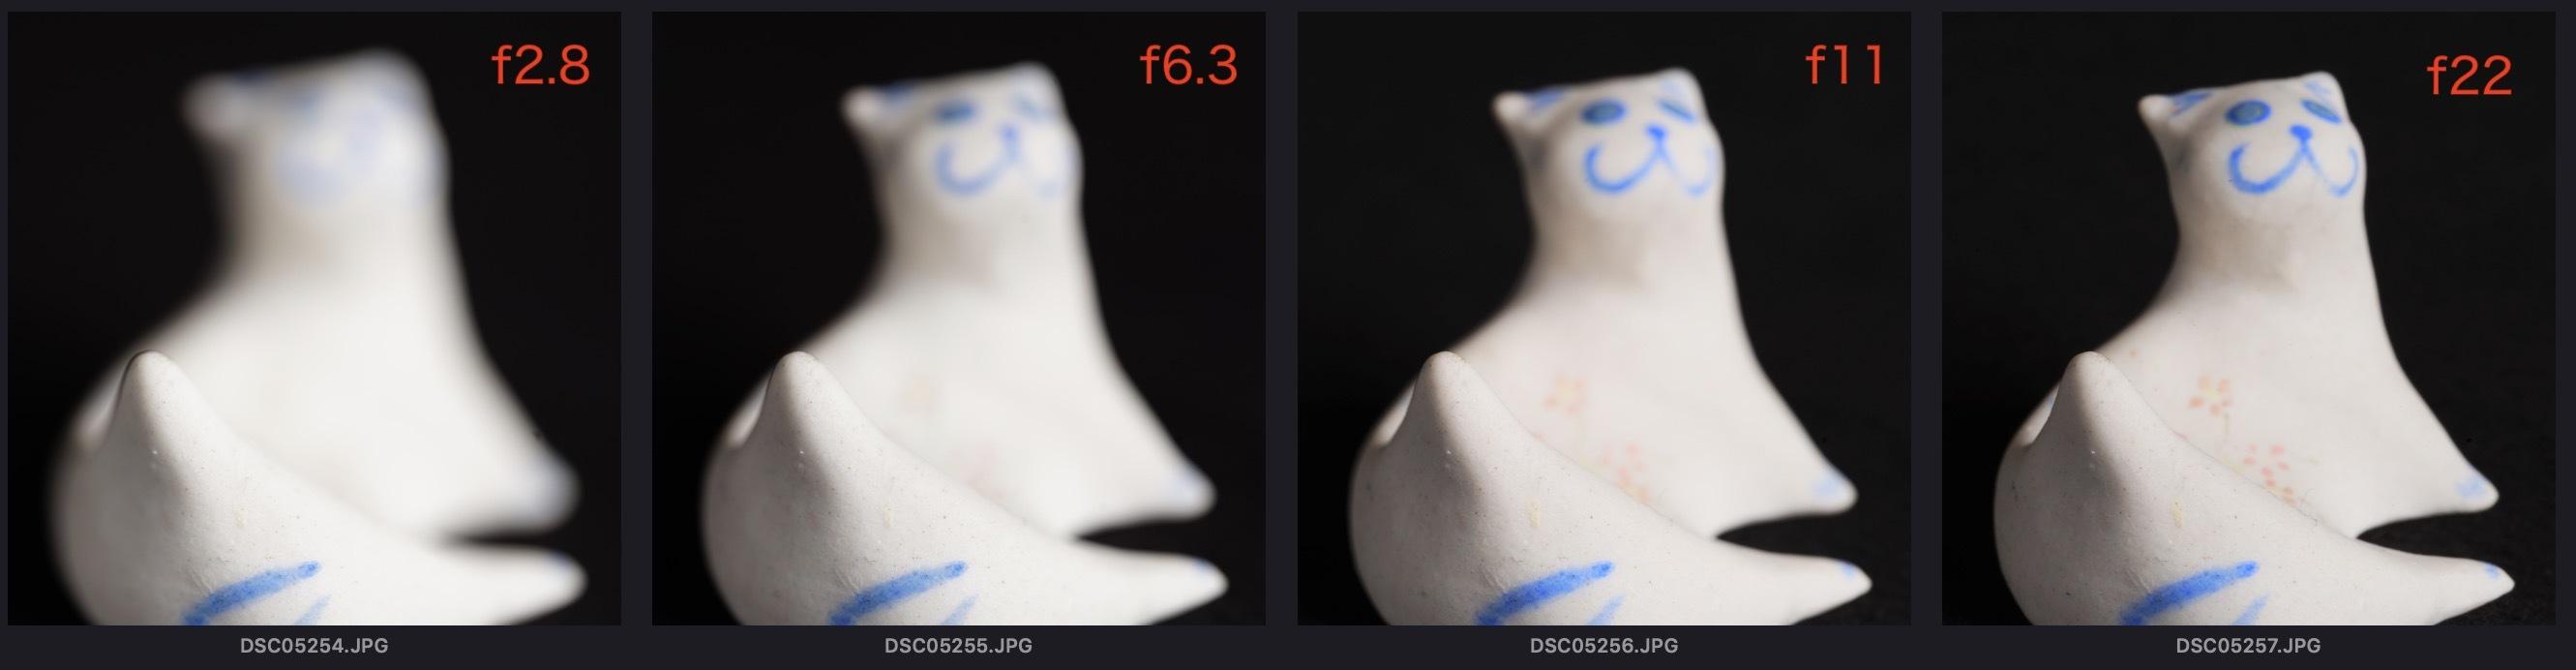 ちっさい標本の撮影・被写界深度合成_e0290546_02081744.jpg